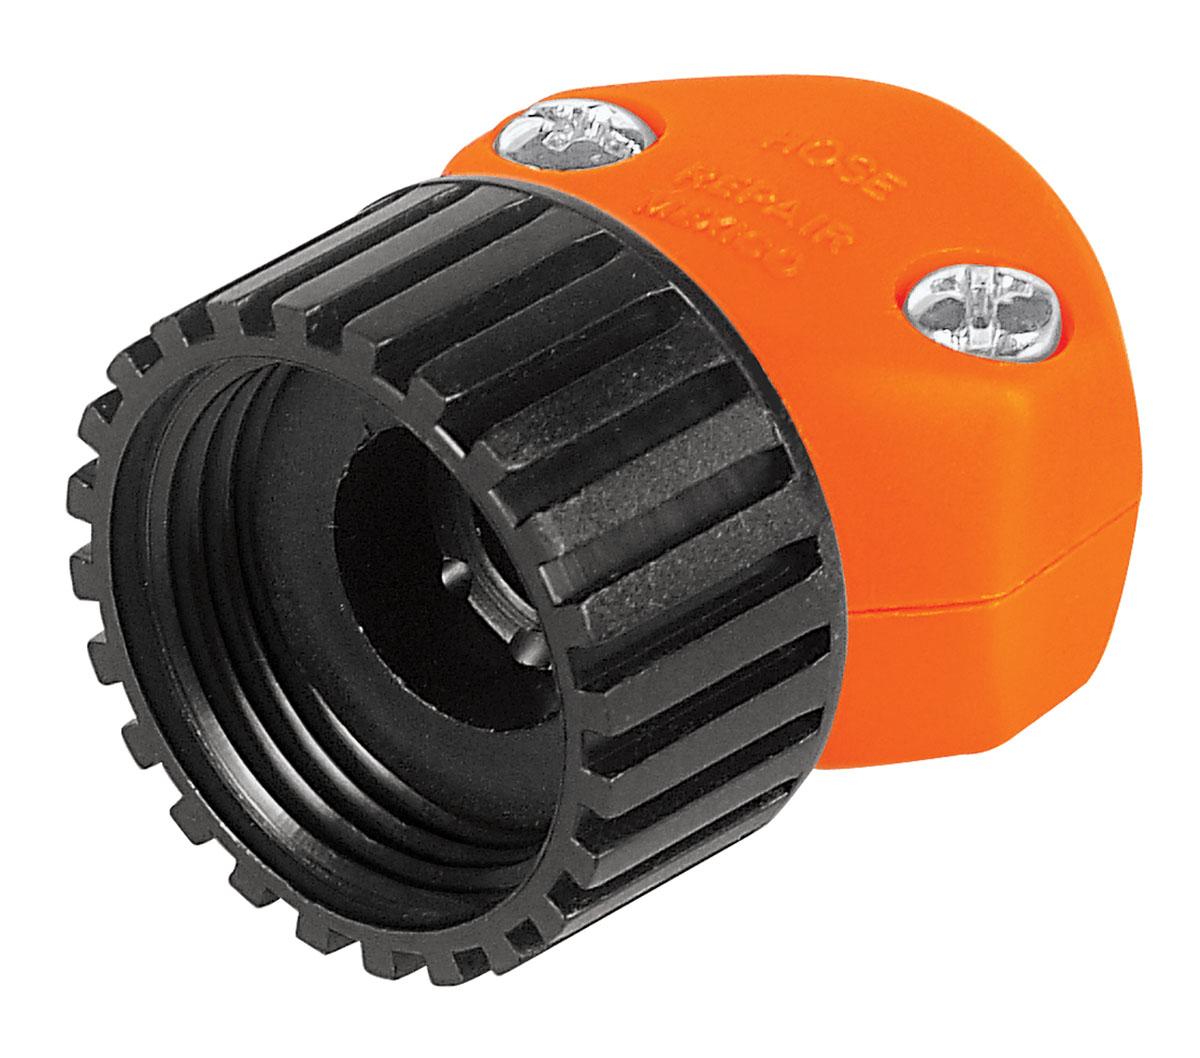 Коннектор ремонтный для шланга Truper, пластиковый, мама, 1/2 коннектор ремонтный для шланга truper пластиковый мама 5 8 3 4